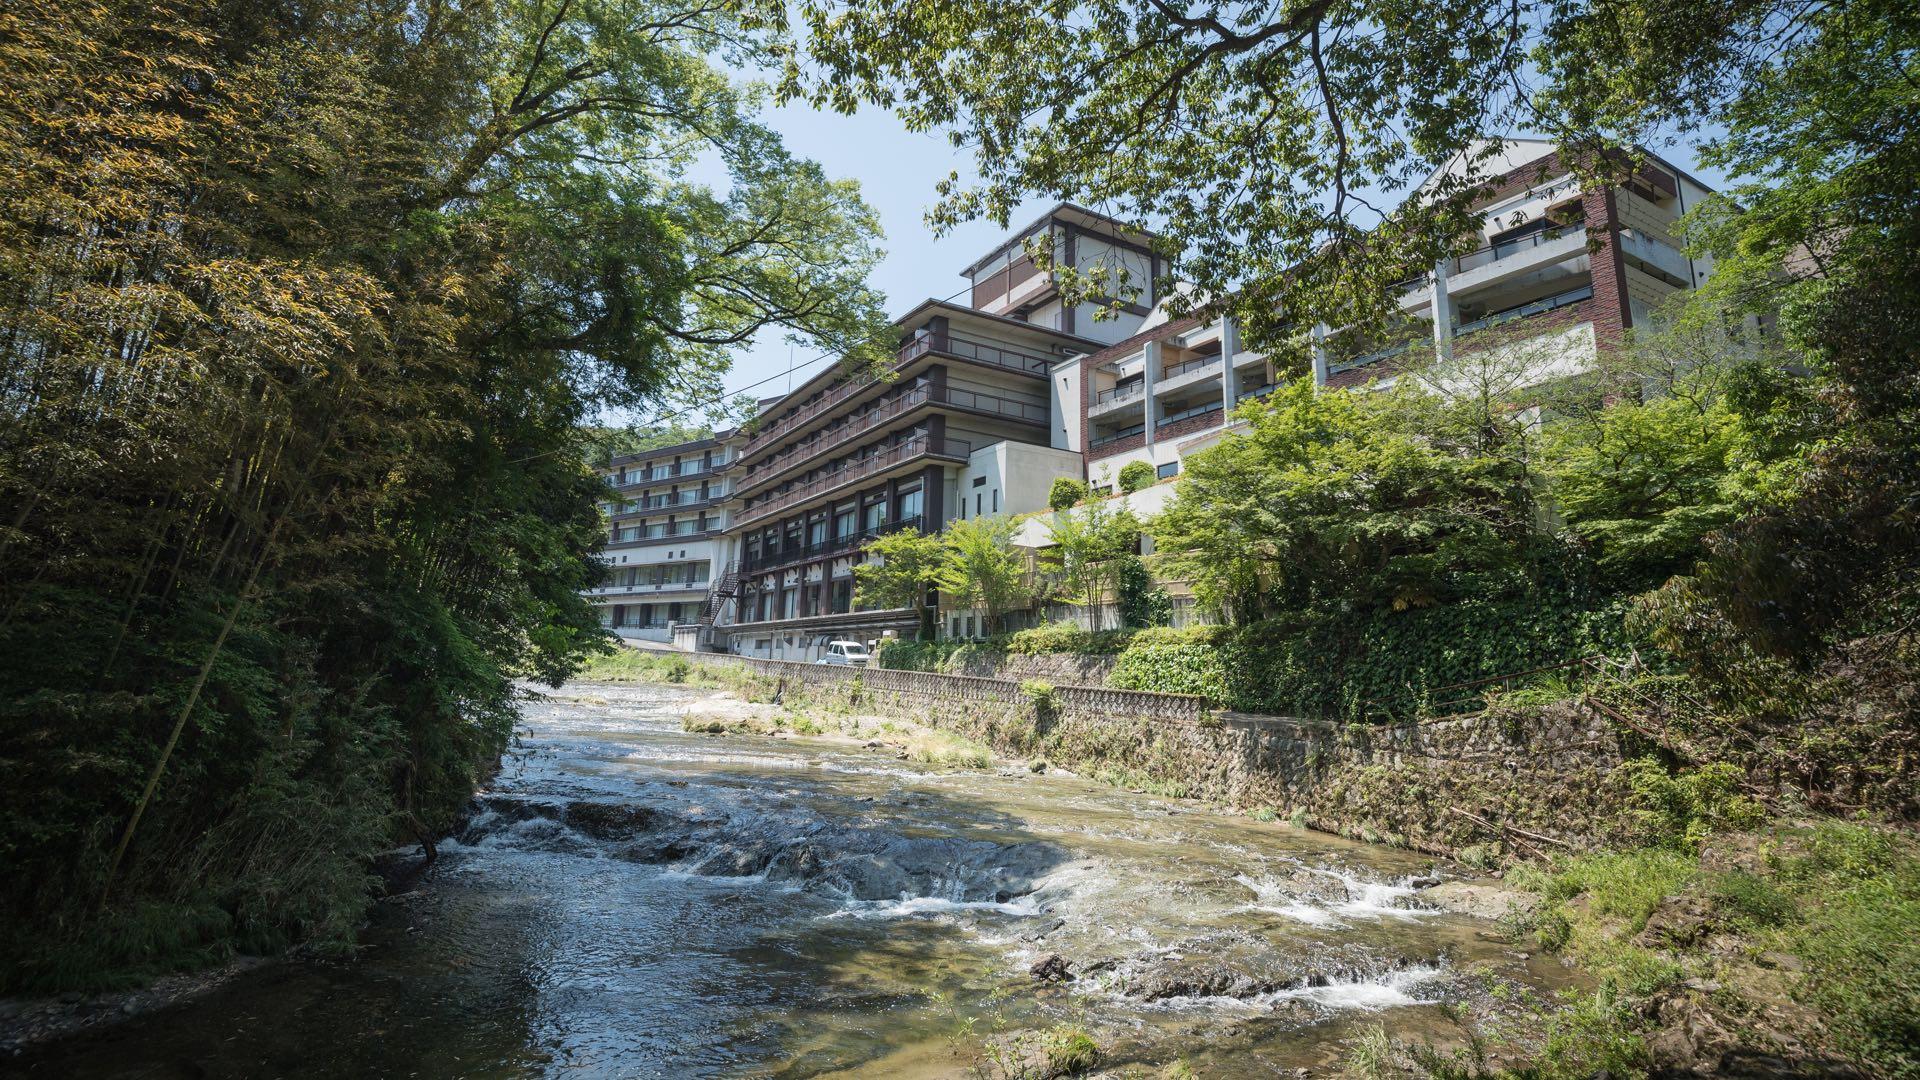 袋田の滝と合わせて楽しみたい!袋田温泉の日帰り入浴ができる温泉4選!